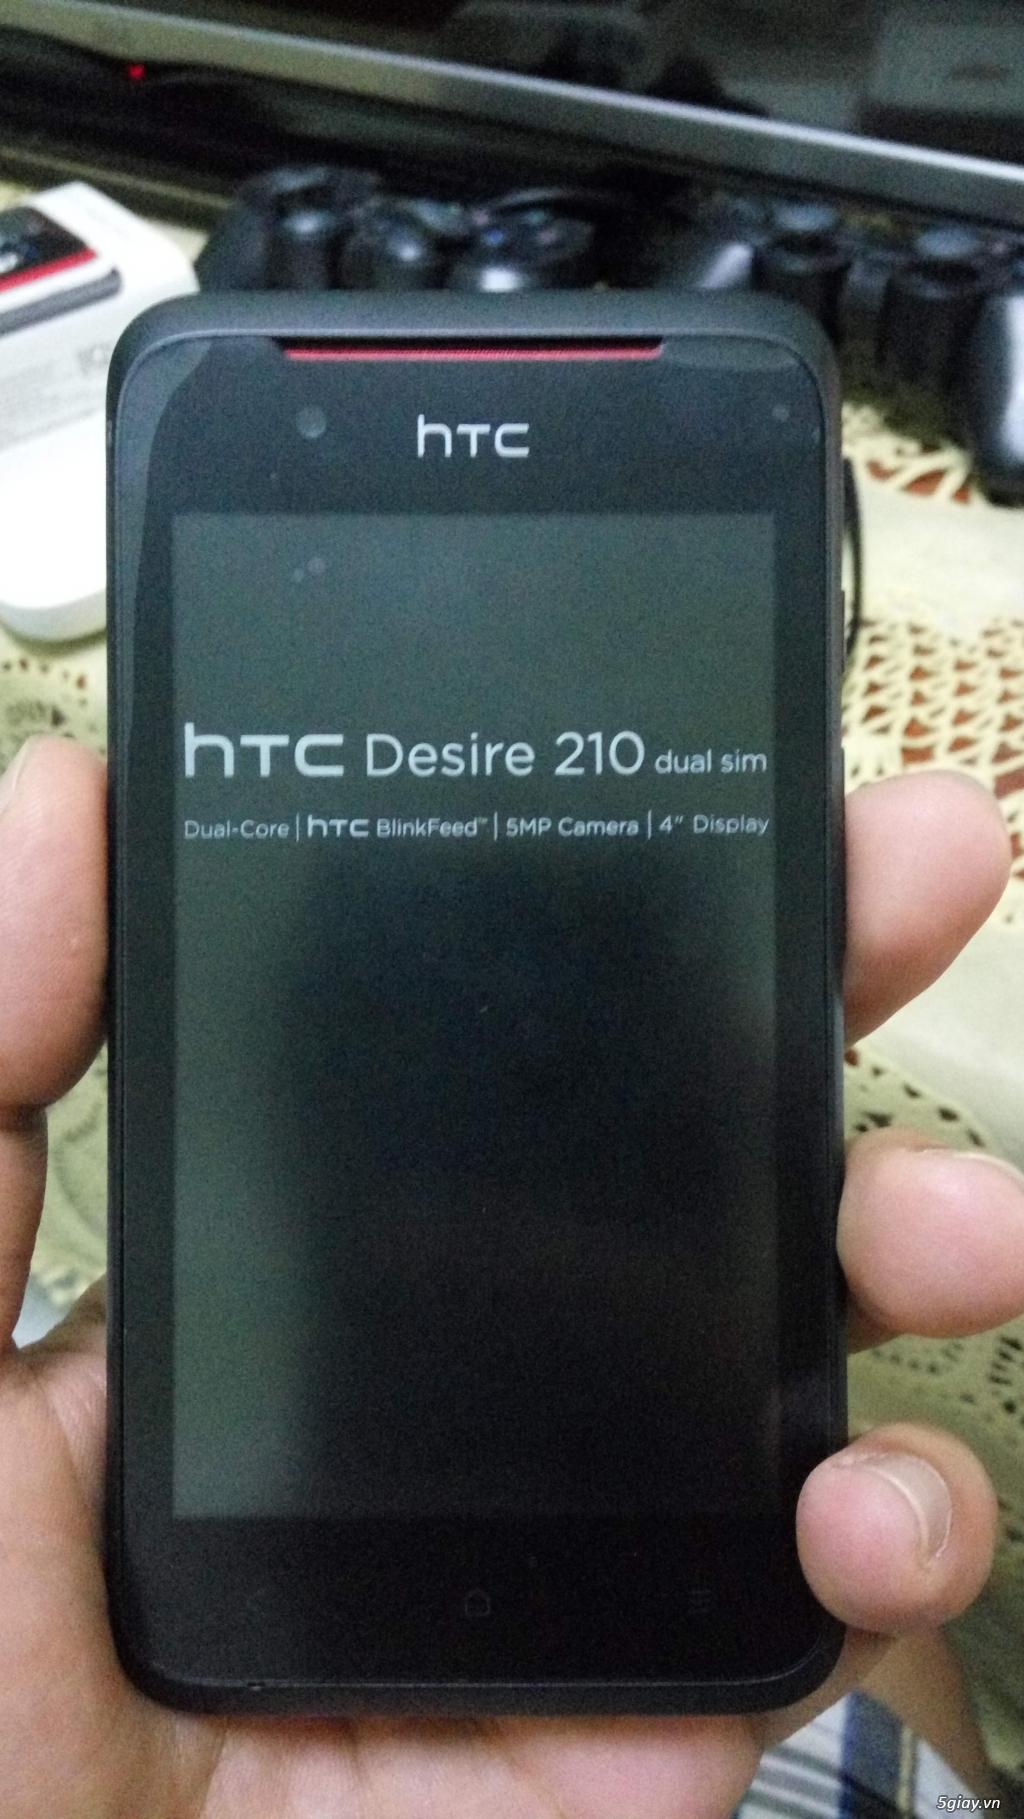 HTC 210 black mới 100% Fullbox bảo hành 12 tháng